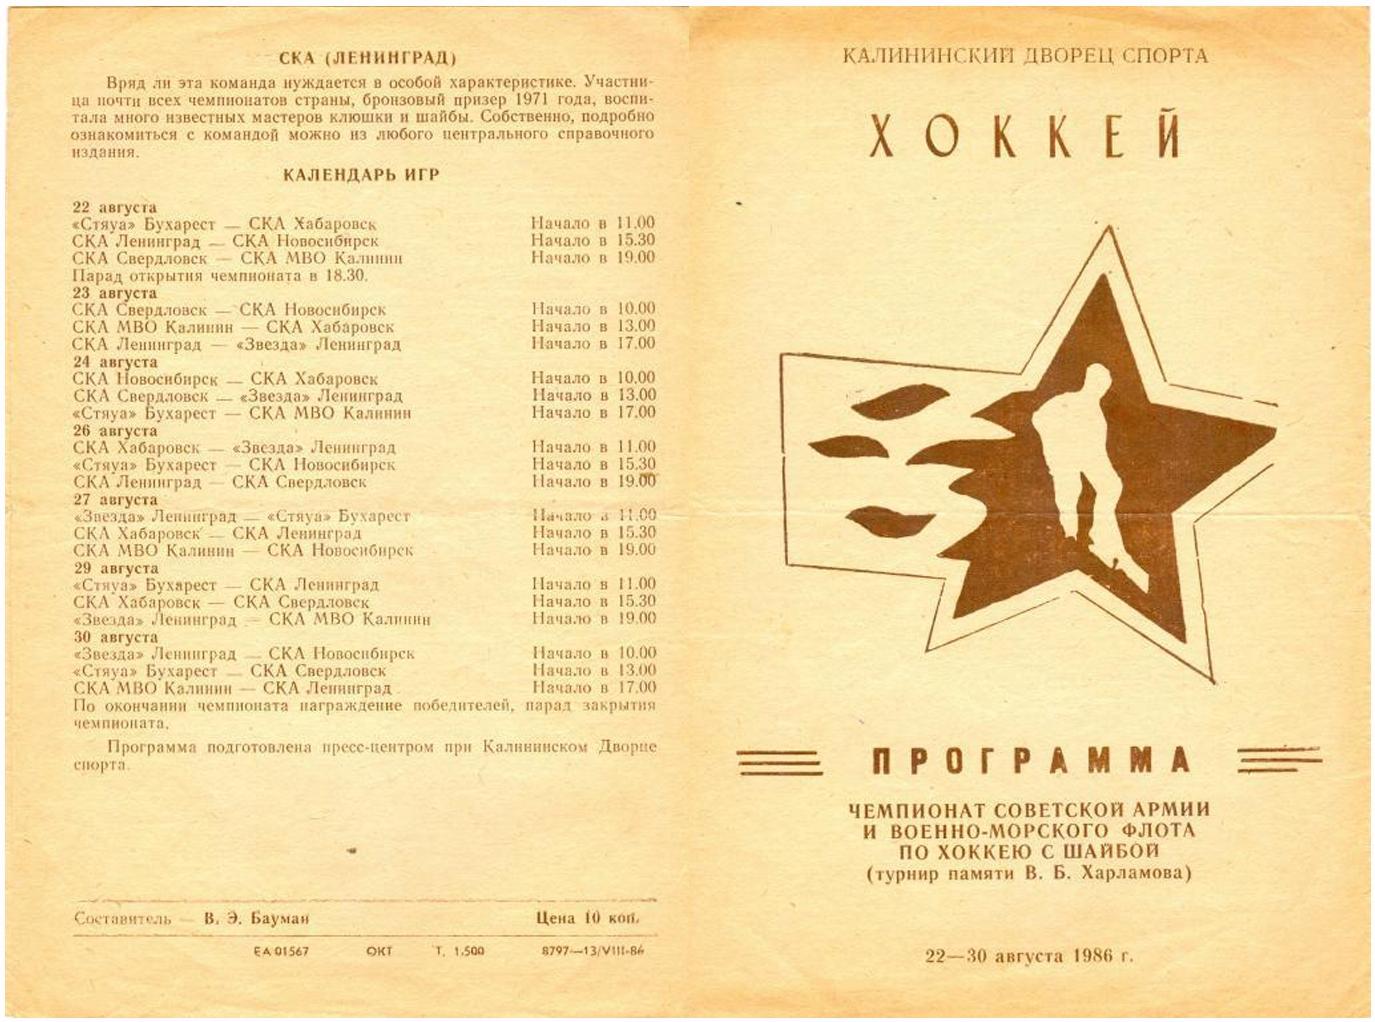 Турнир памяти В.Харламова г.Калинин 1986г..jpg